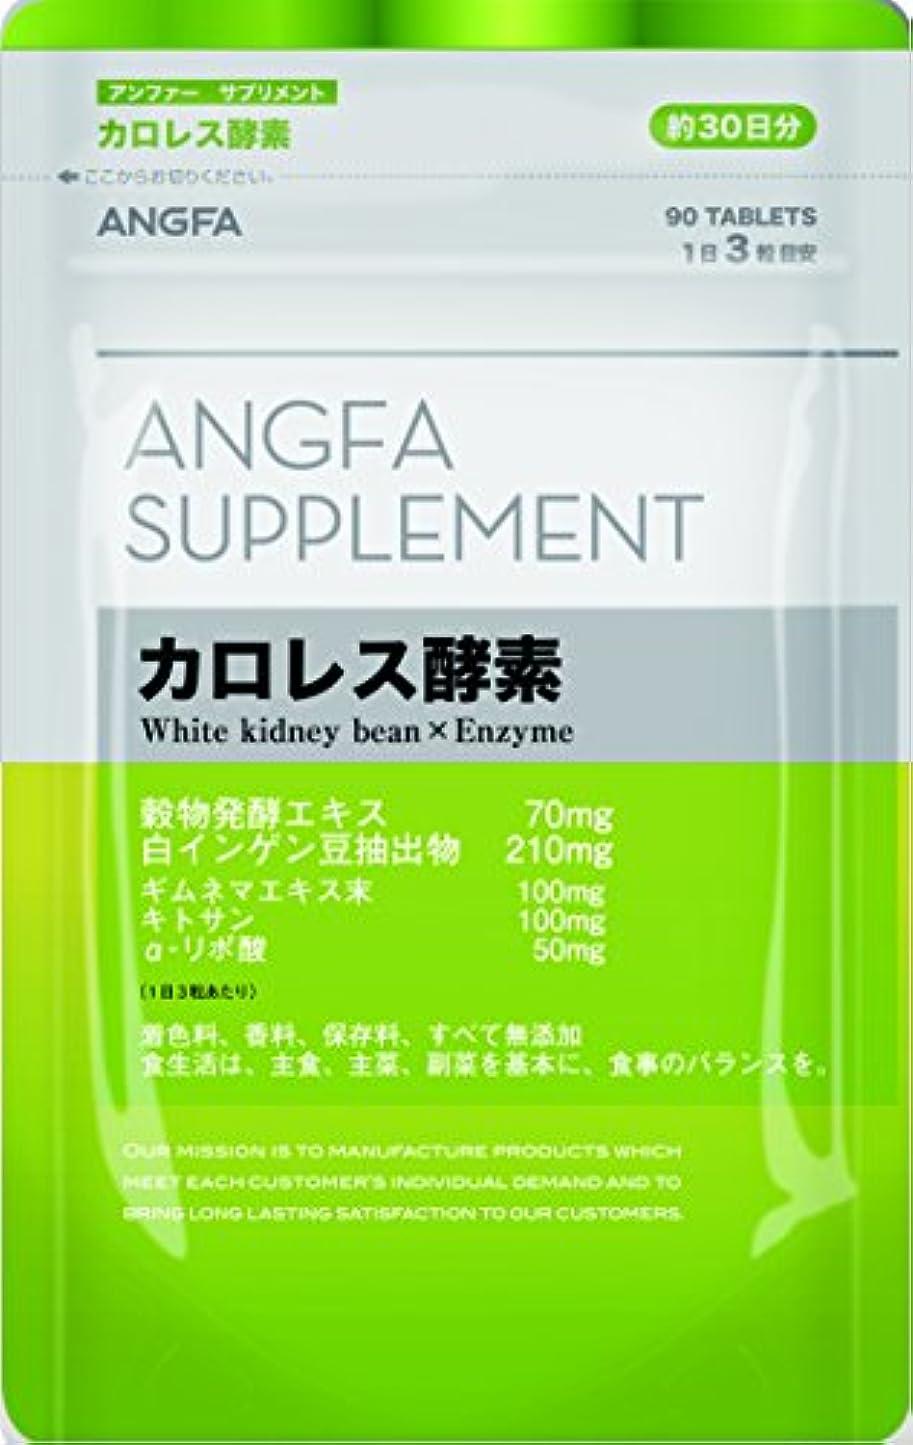 ダルセット肉小康アンファー (ANGFA) サプリメント カロレス酵素 90粒 ダイエットサポート サプリメント